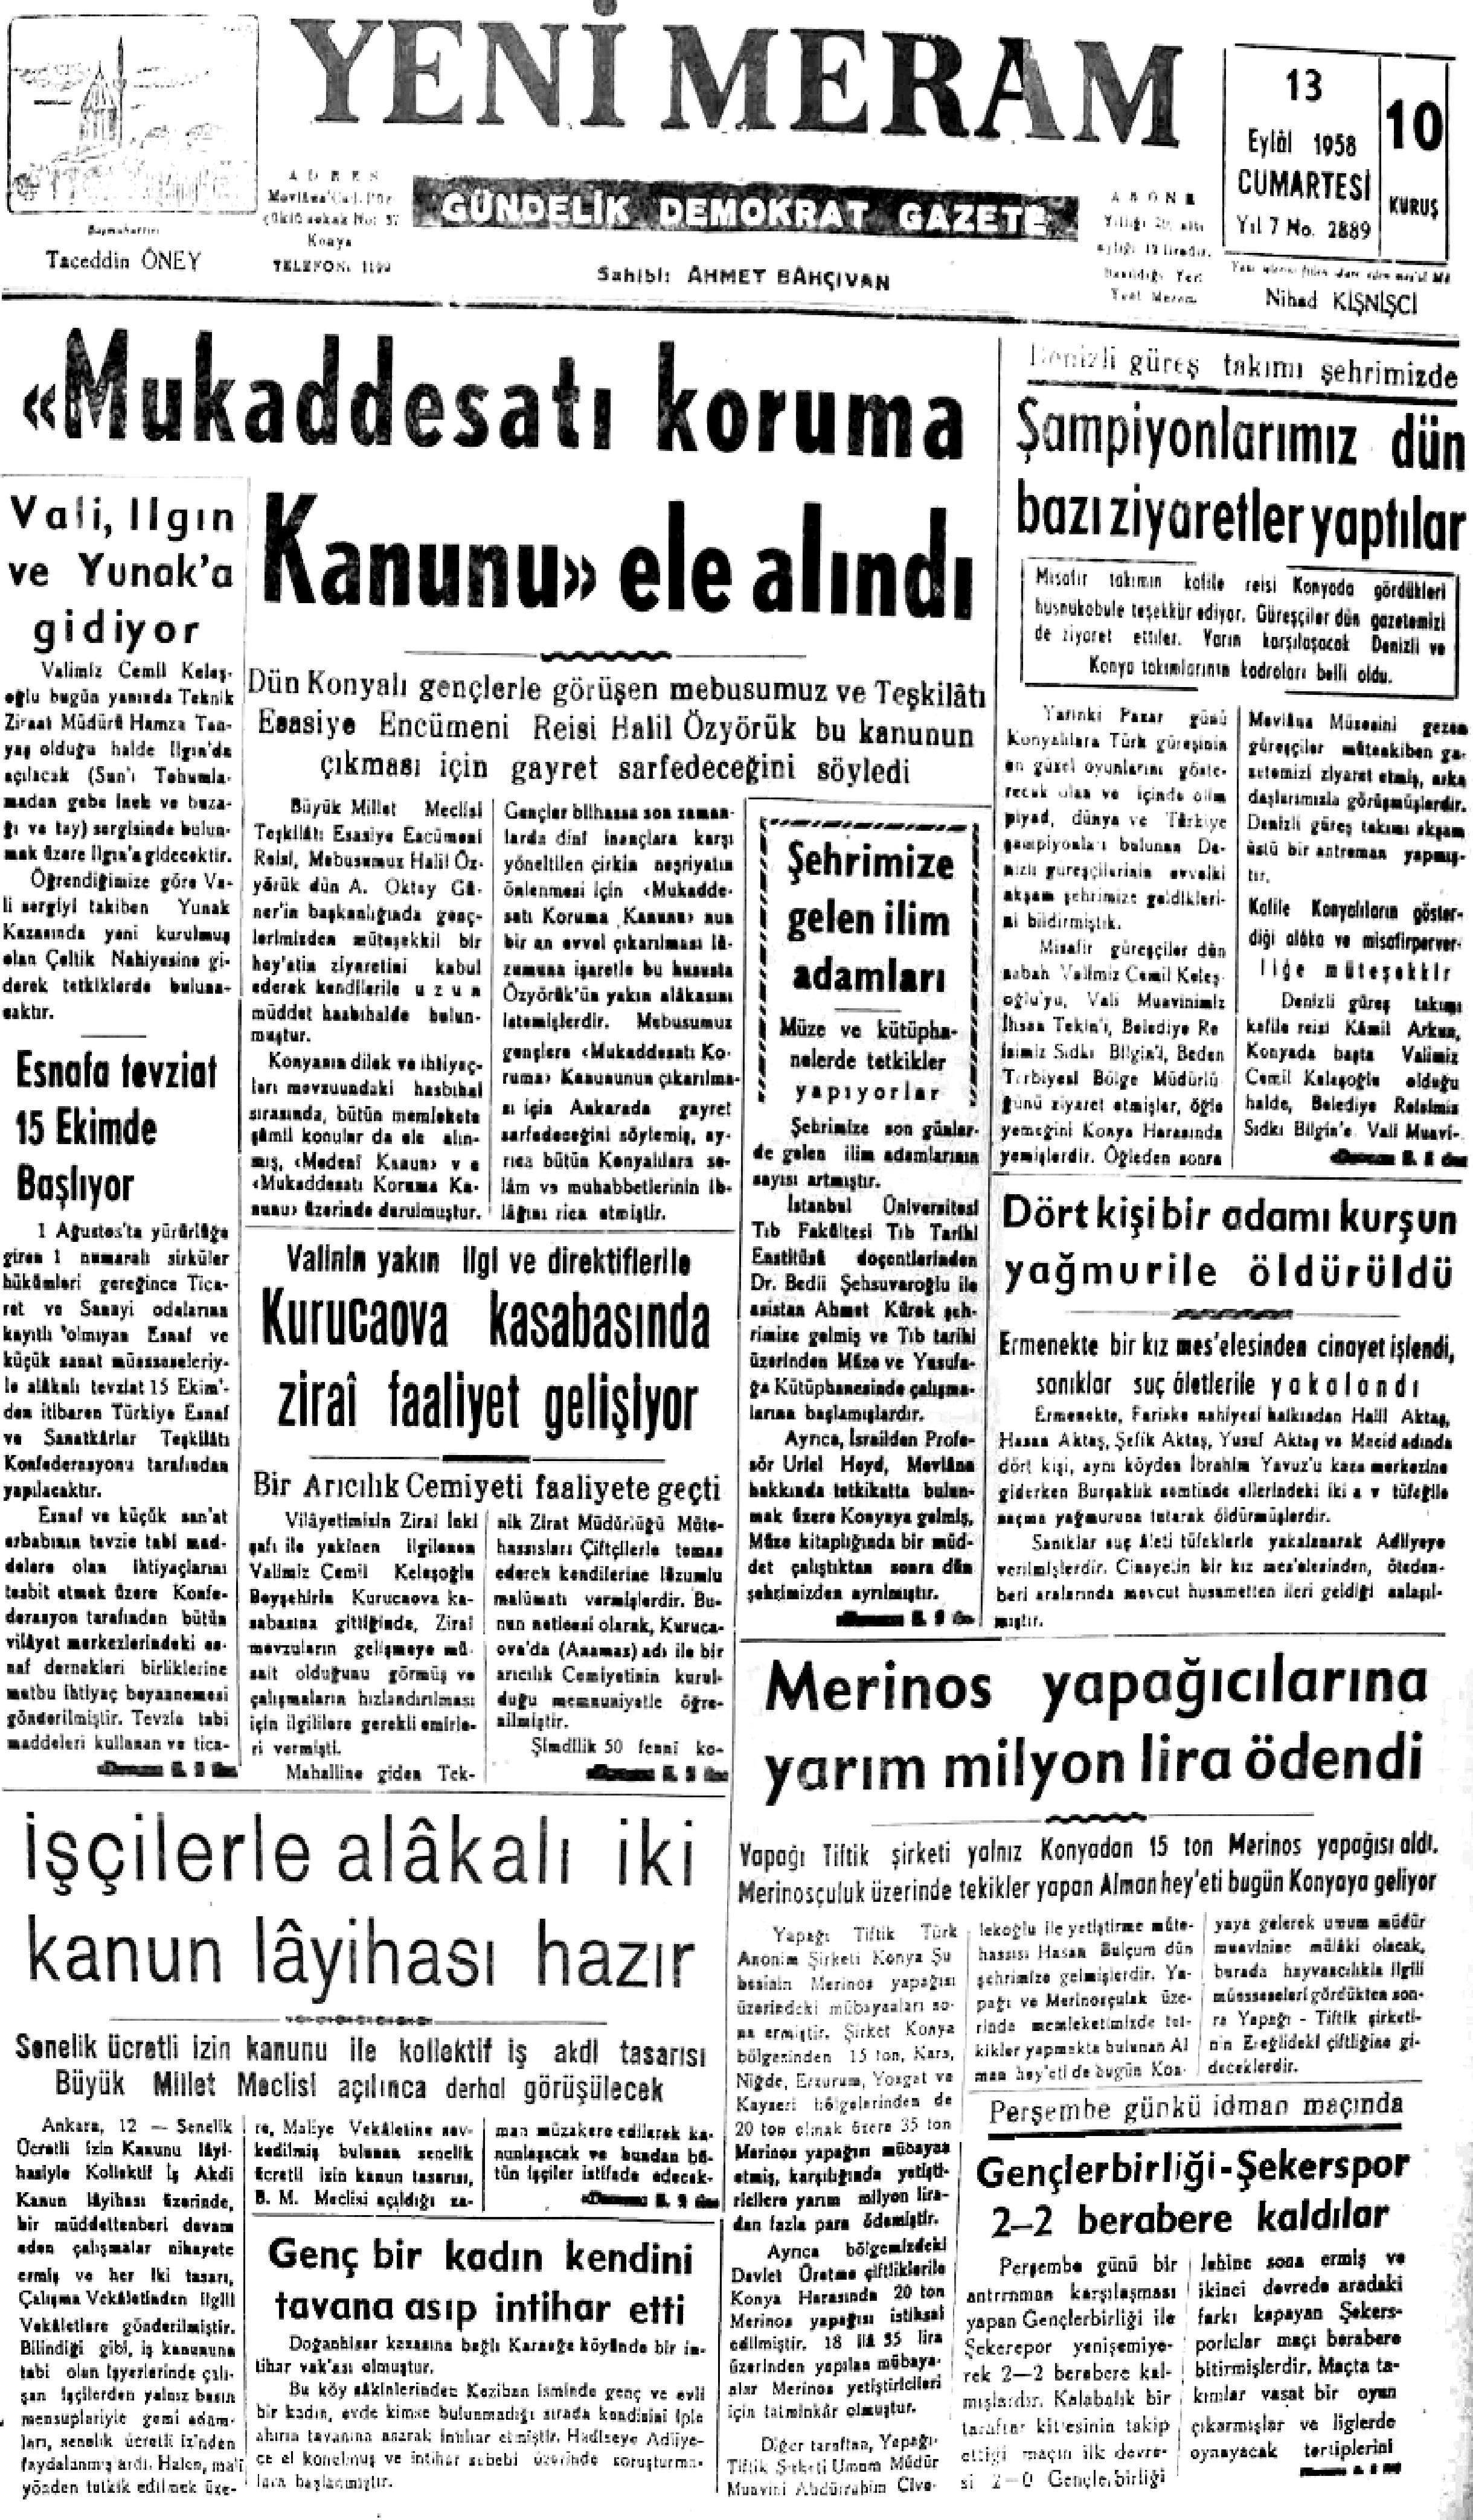 13 Eylül 2021 Yeni Meram Gazetesi